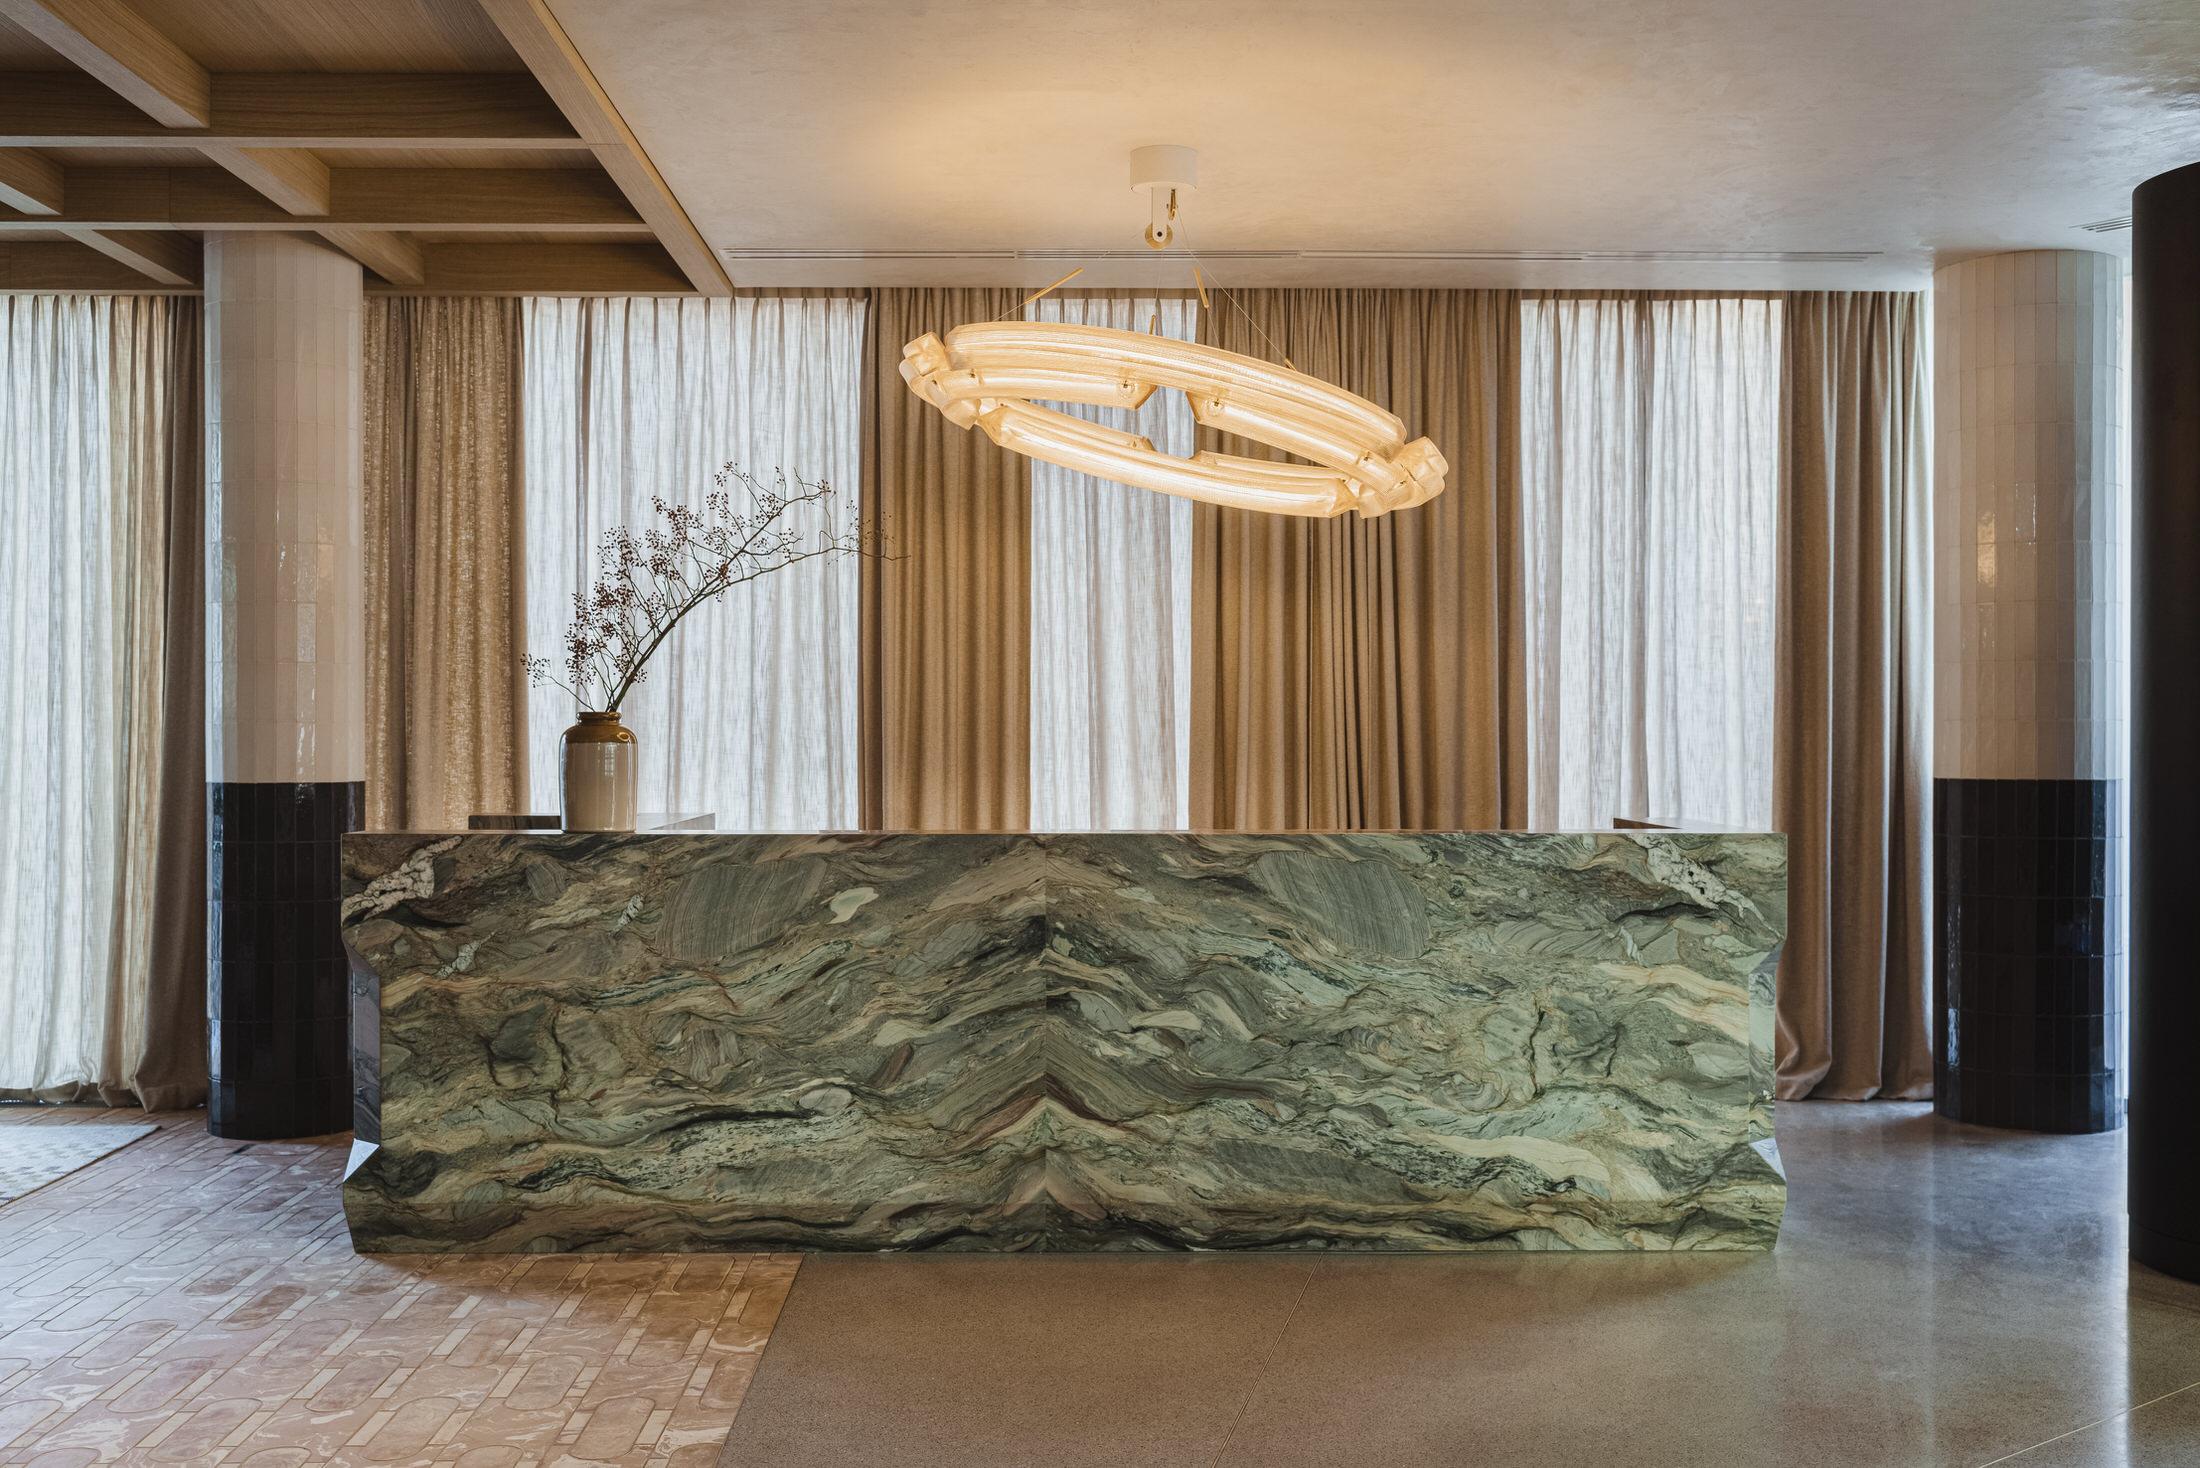 Paradowski Studio Puro Hotel Krakow Photo Pion Studio Yellowtrace 02